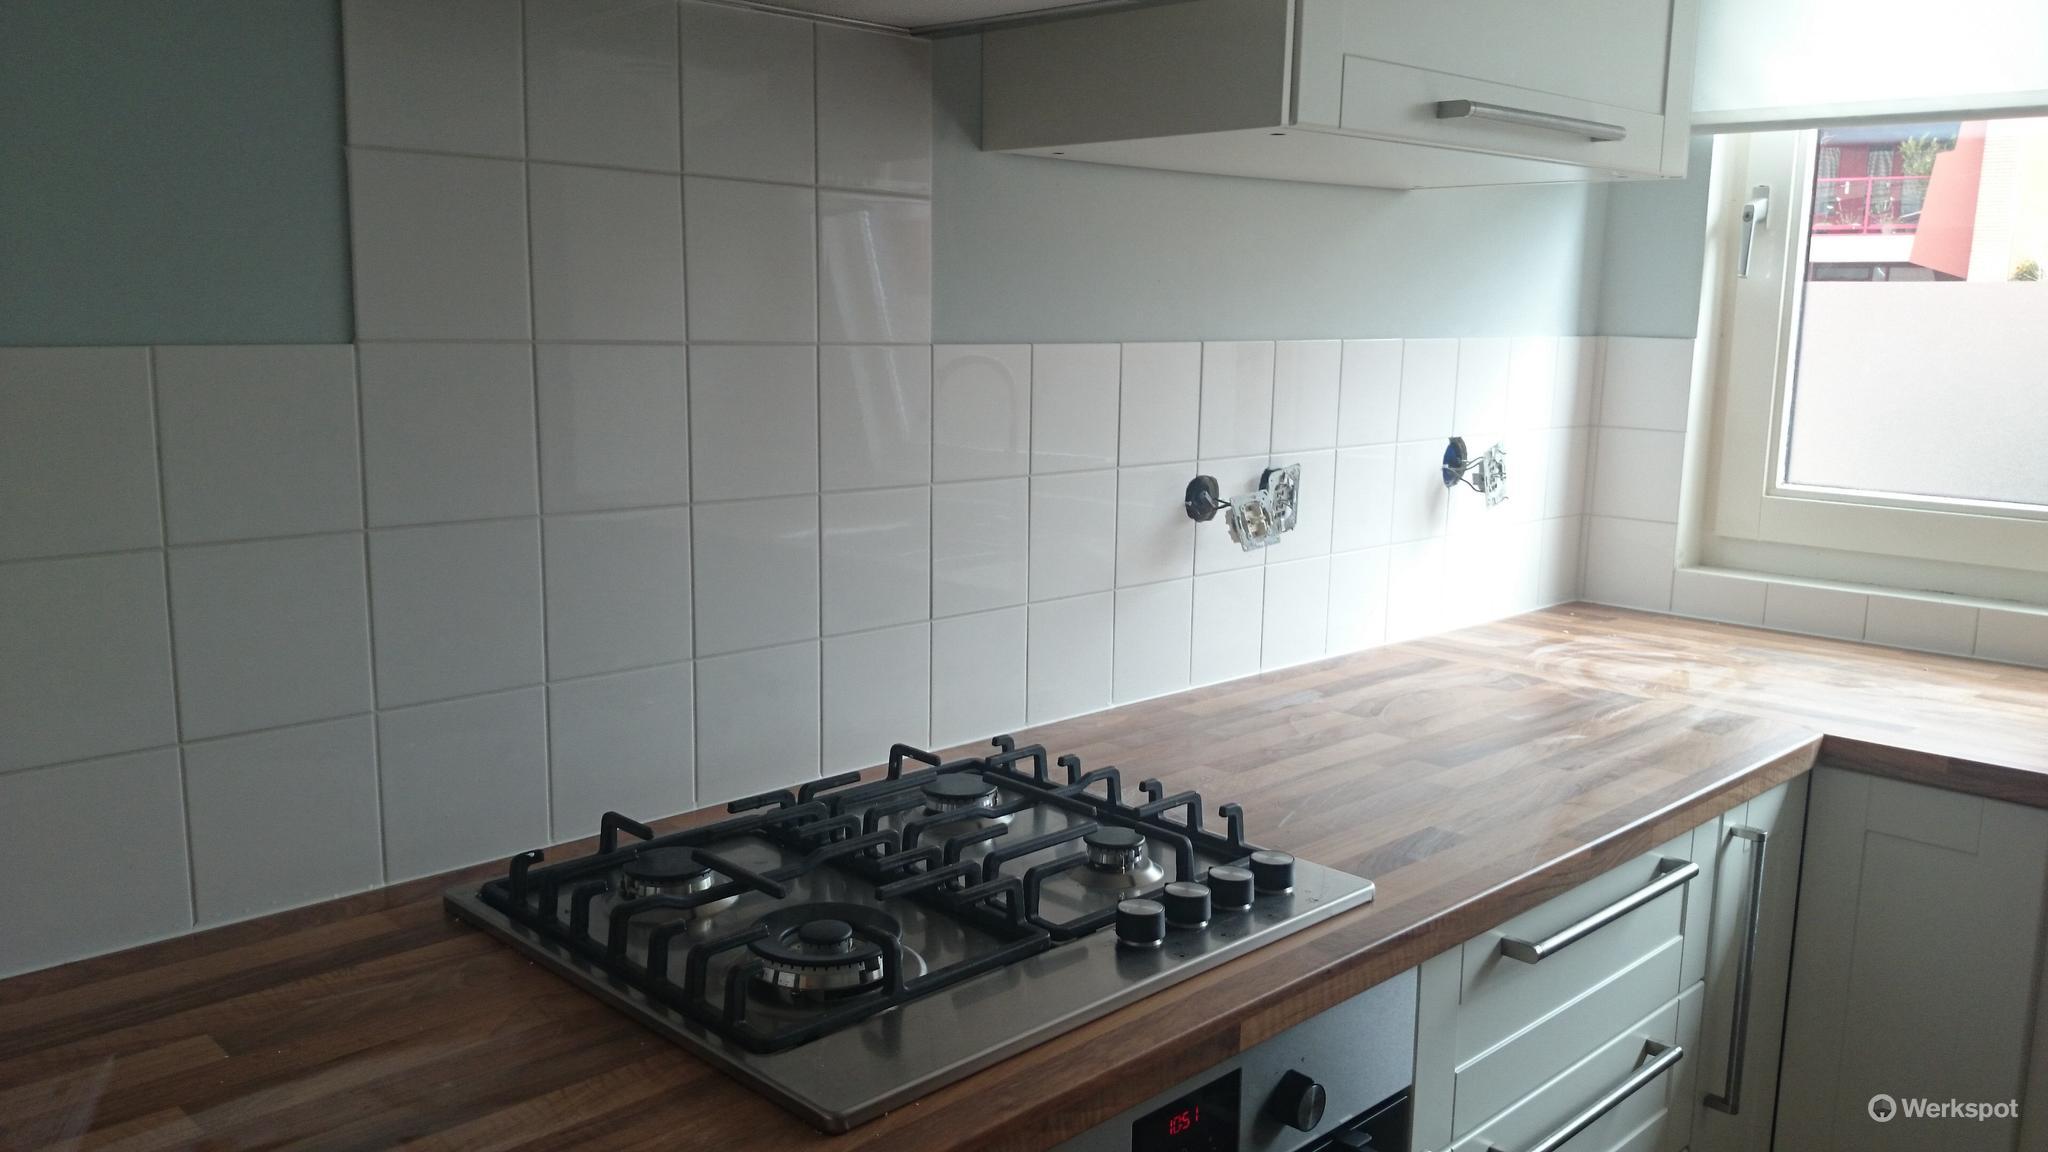 Wandtegels keuken + afkitten keuken, ca 2,5 m2   Werkspot